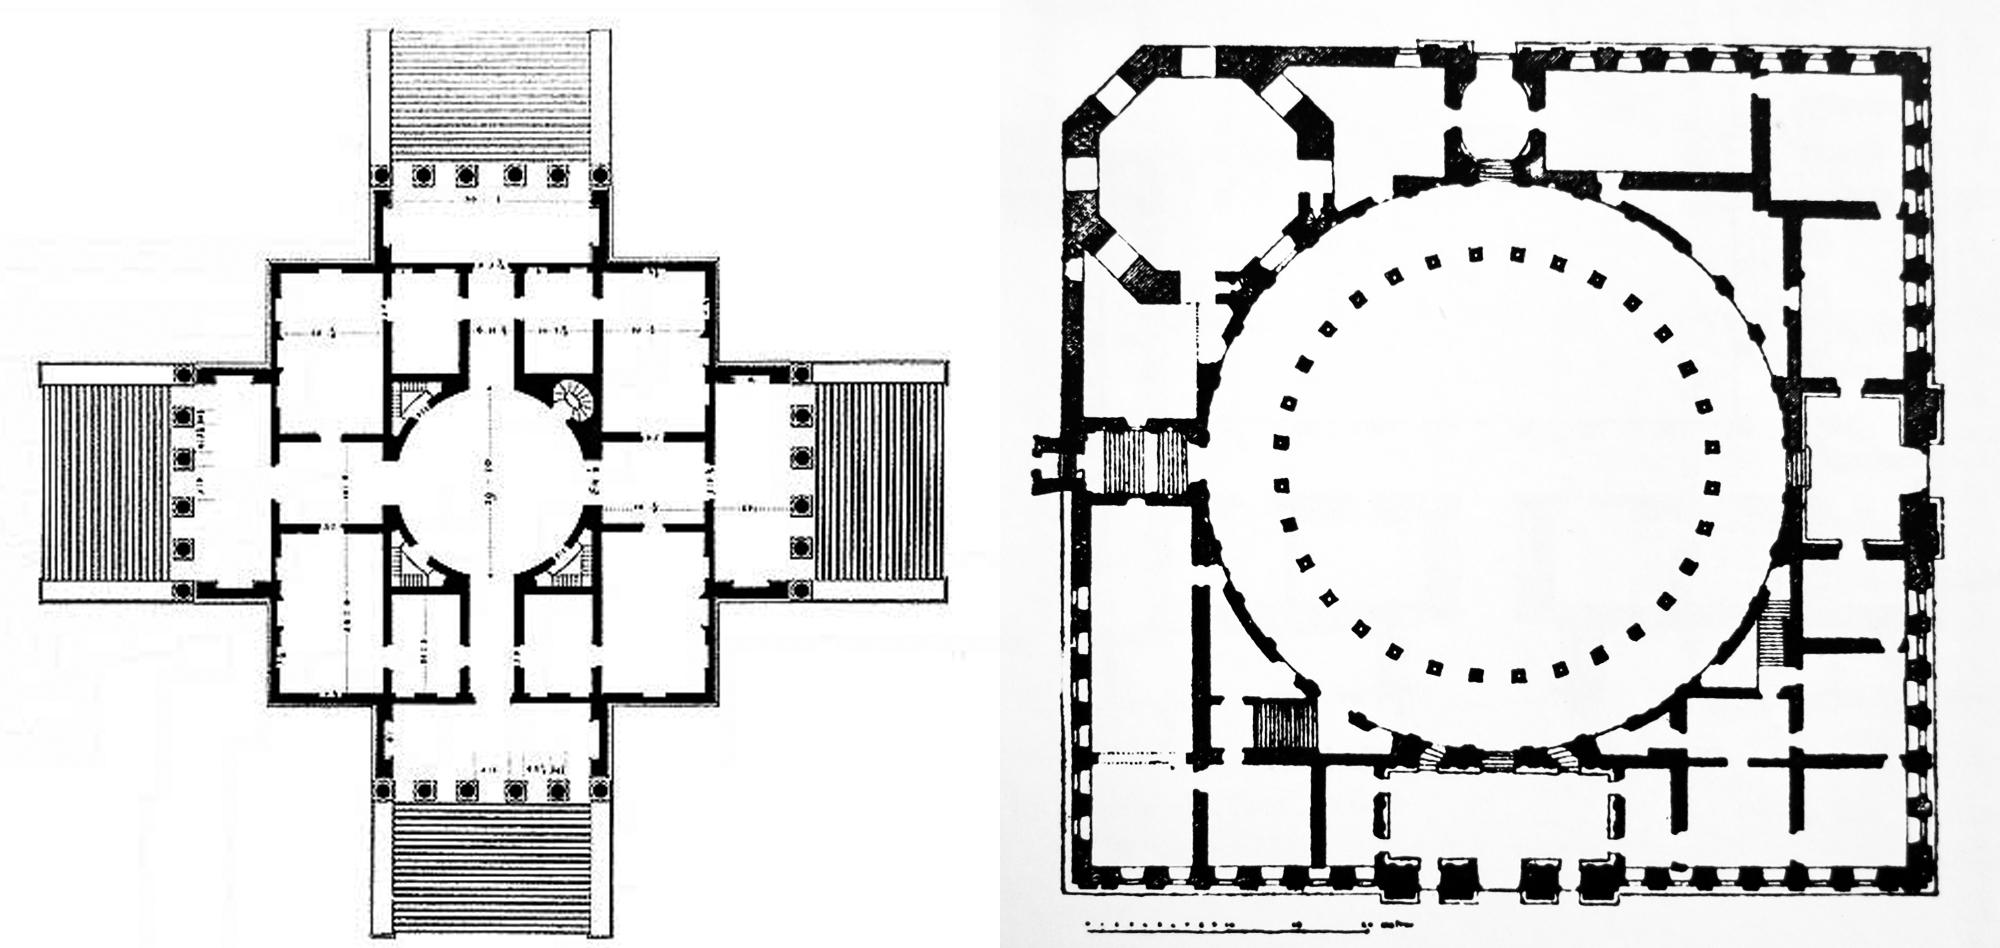 Las plantas de la Villa Rotonda (a la izquierda) y del Palacio de Carlos V (a la derecha)